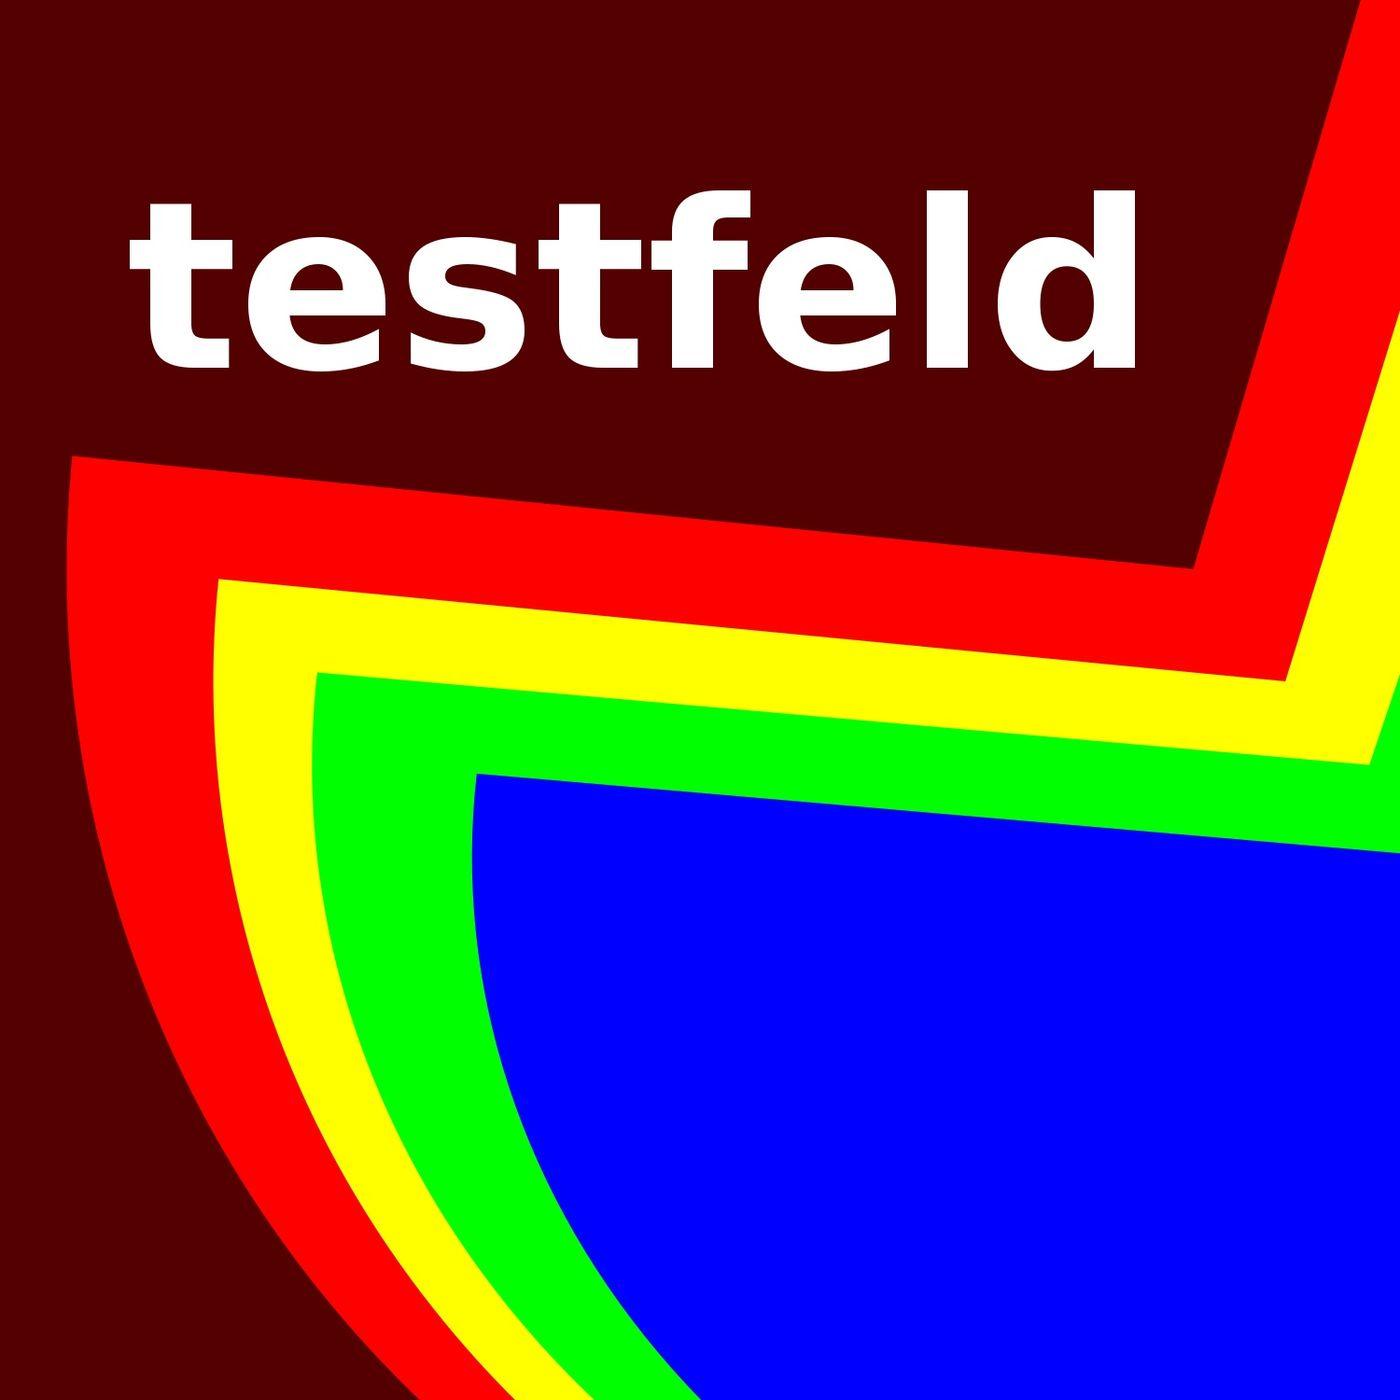 Testfeld